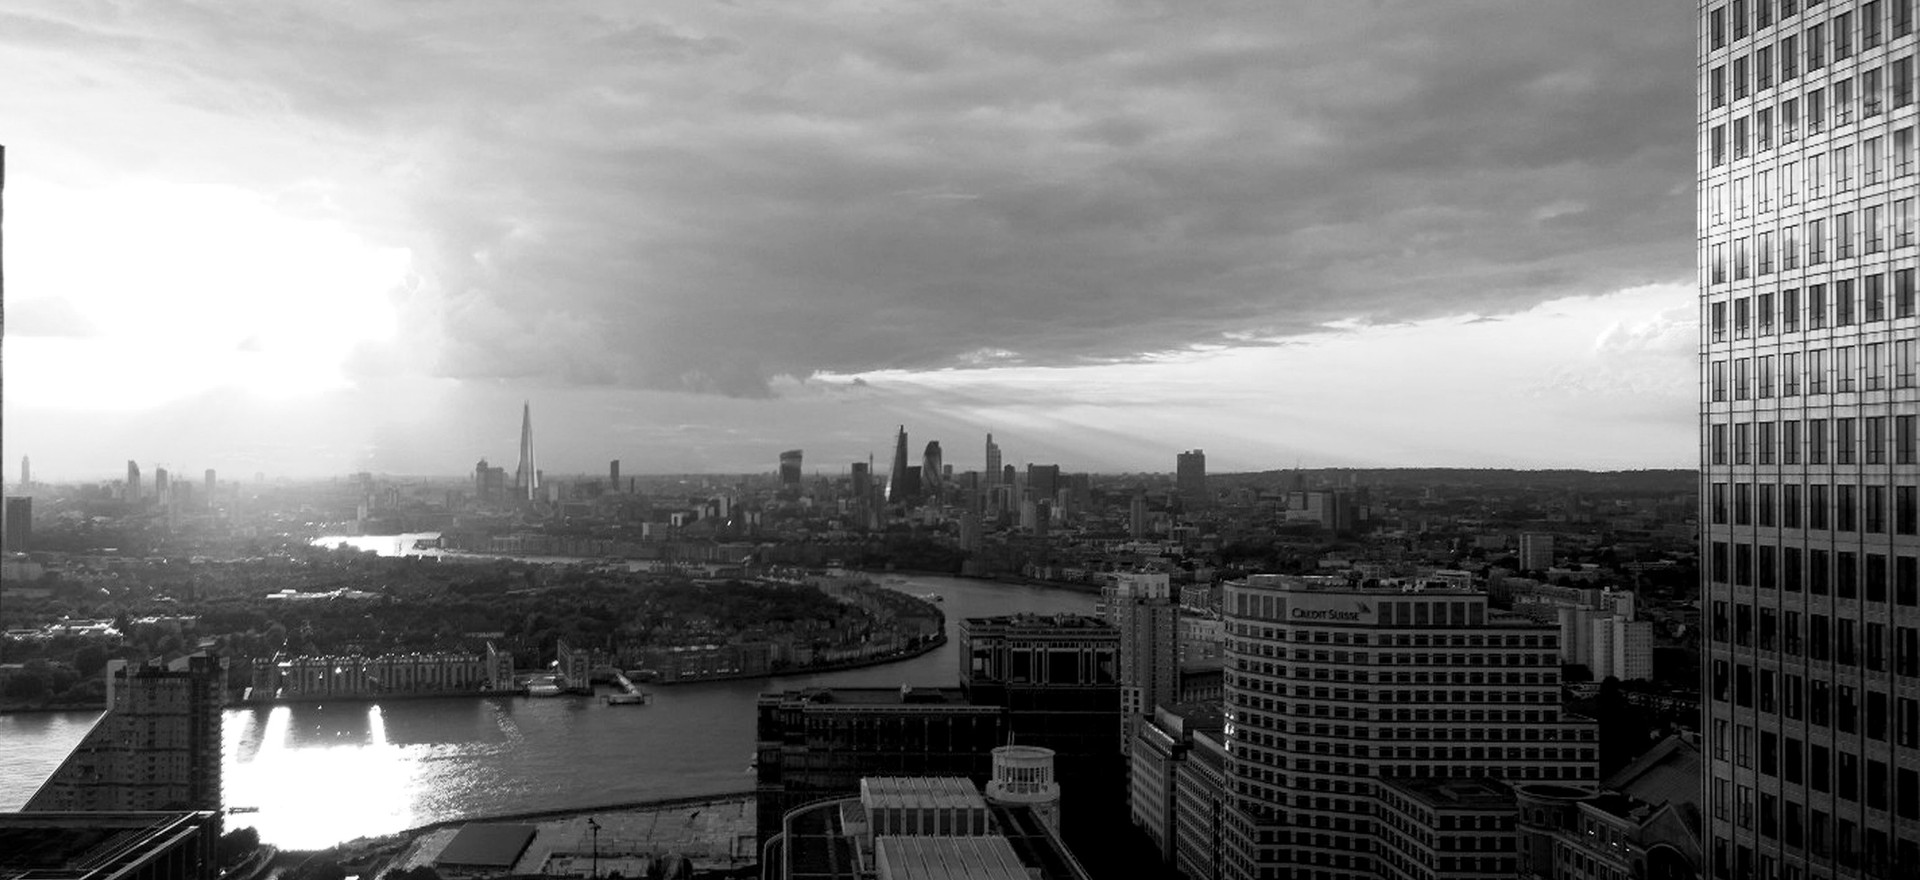 Canary Wharf, south east London